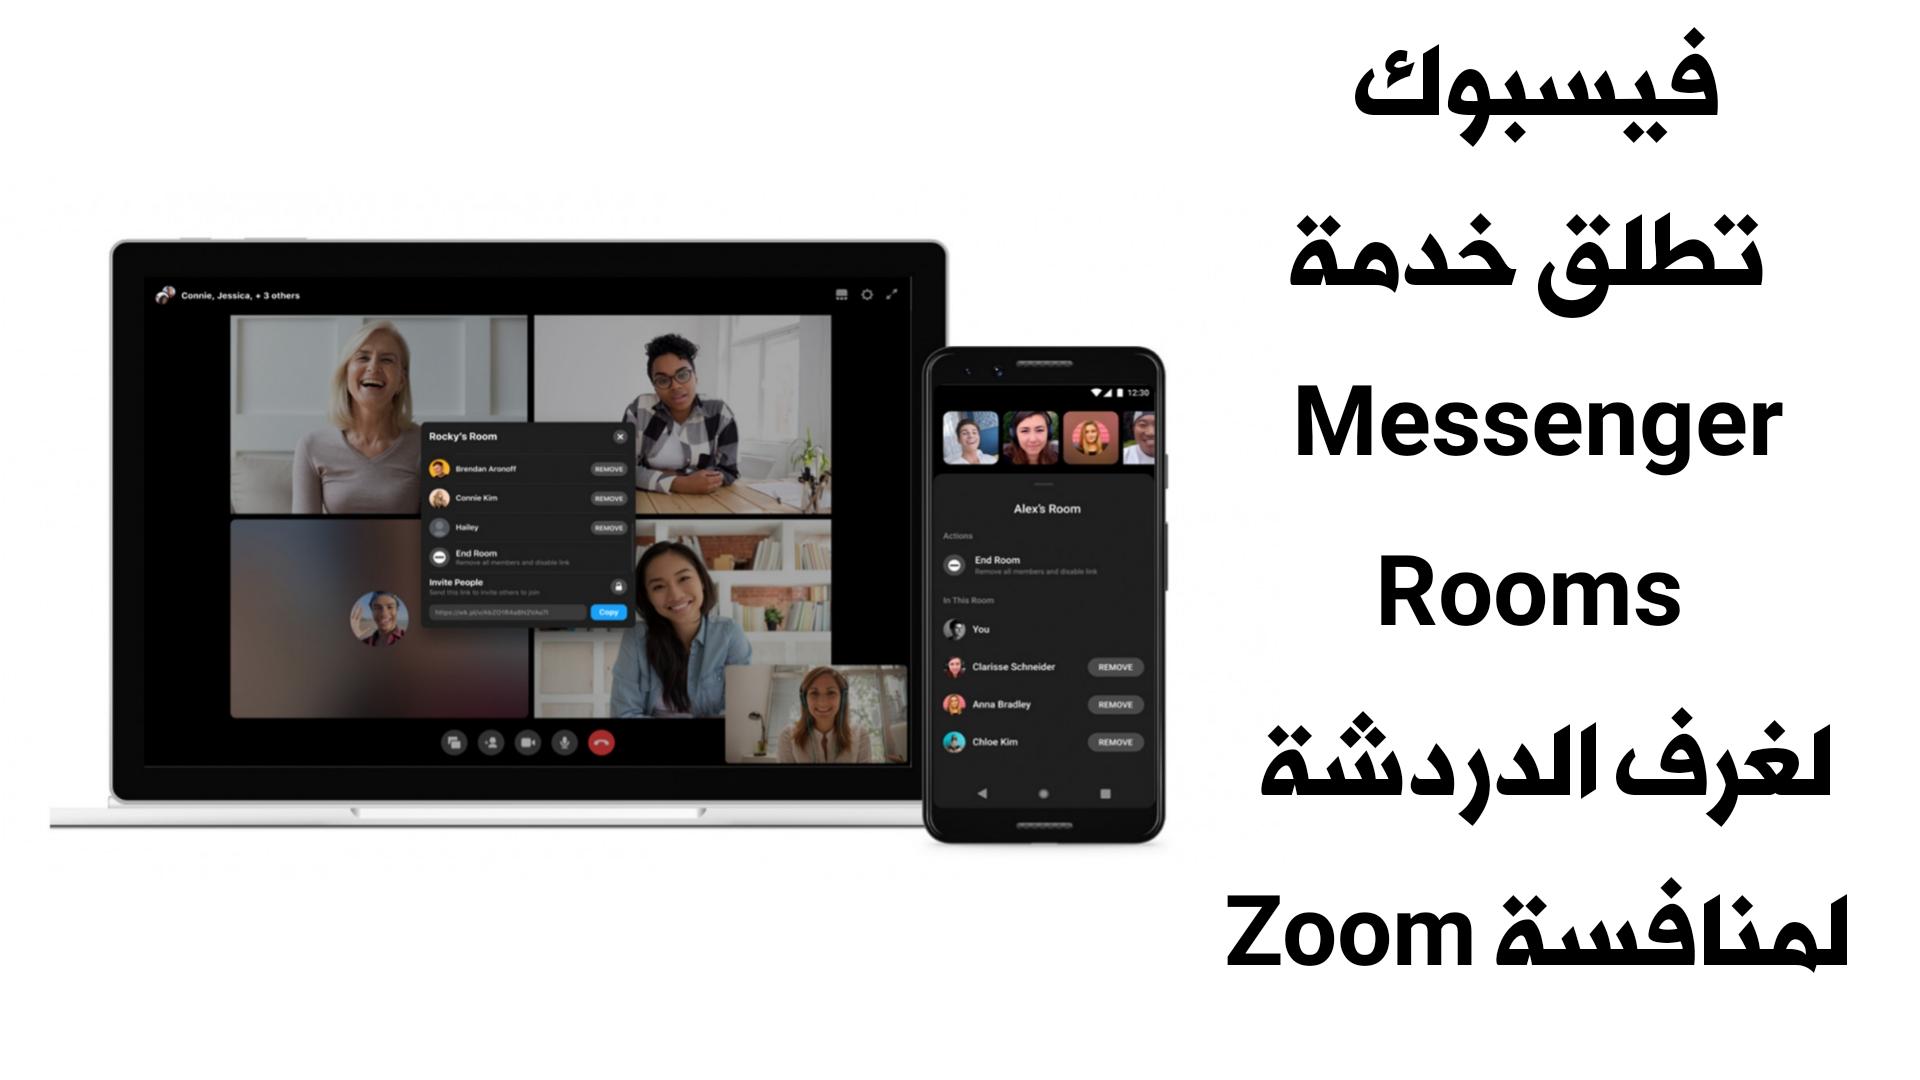 شركة Facebook تنافس ZOOM !!! وتطلق خدمة Messenger Rooms لغرف الدردشة المرئية !